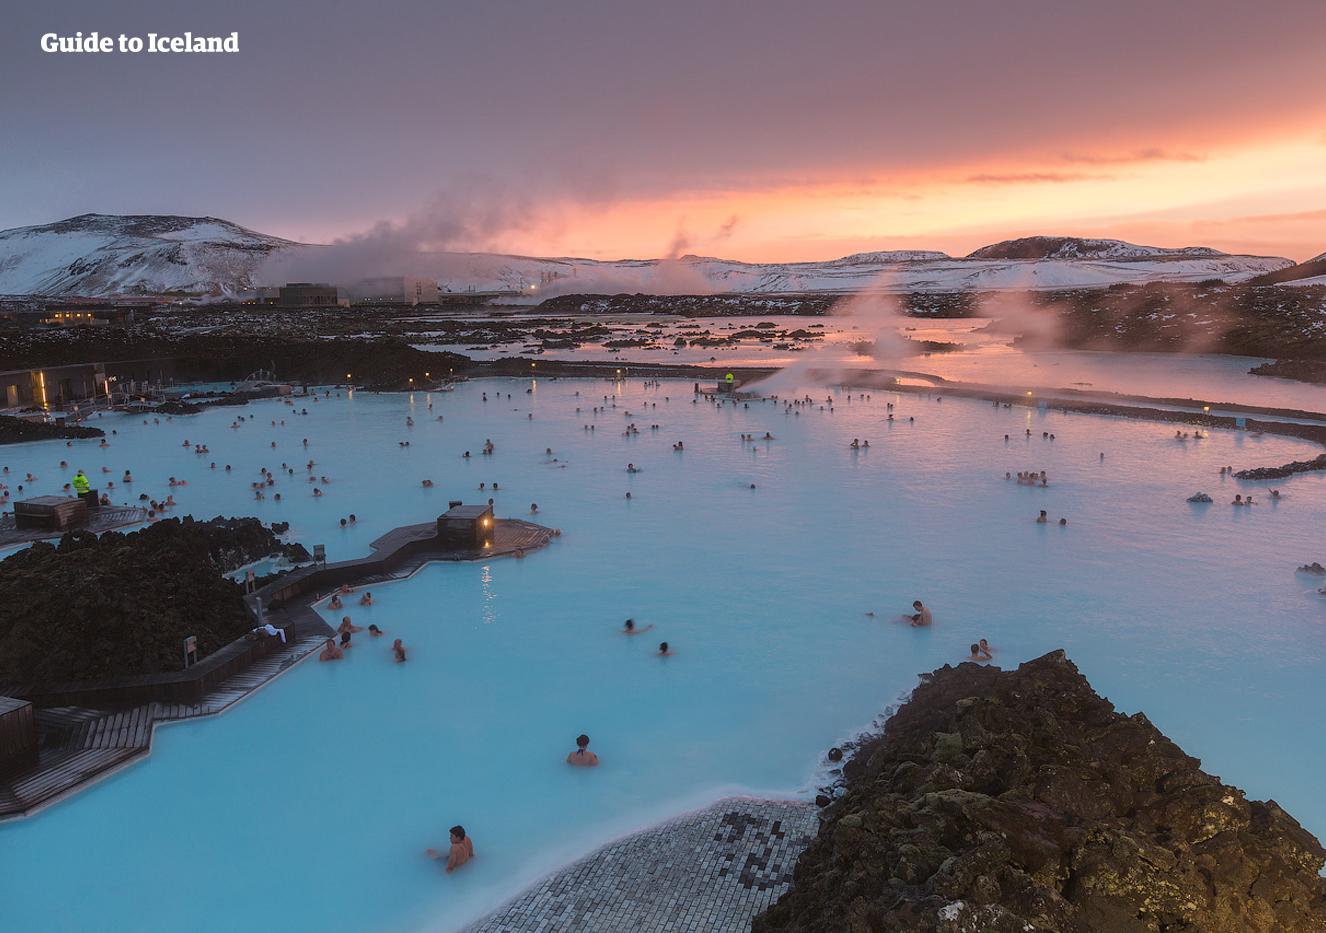 11-dniowa letnia, samodzielna wycieczka po całej obwodnicy Islandii z wodospadami i gorącymi źródłami - day 1